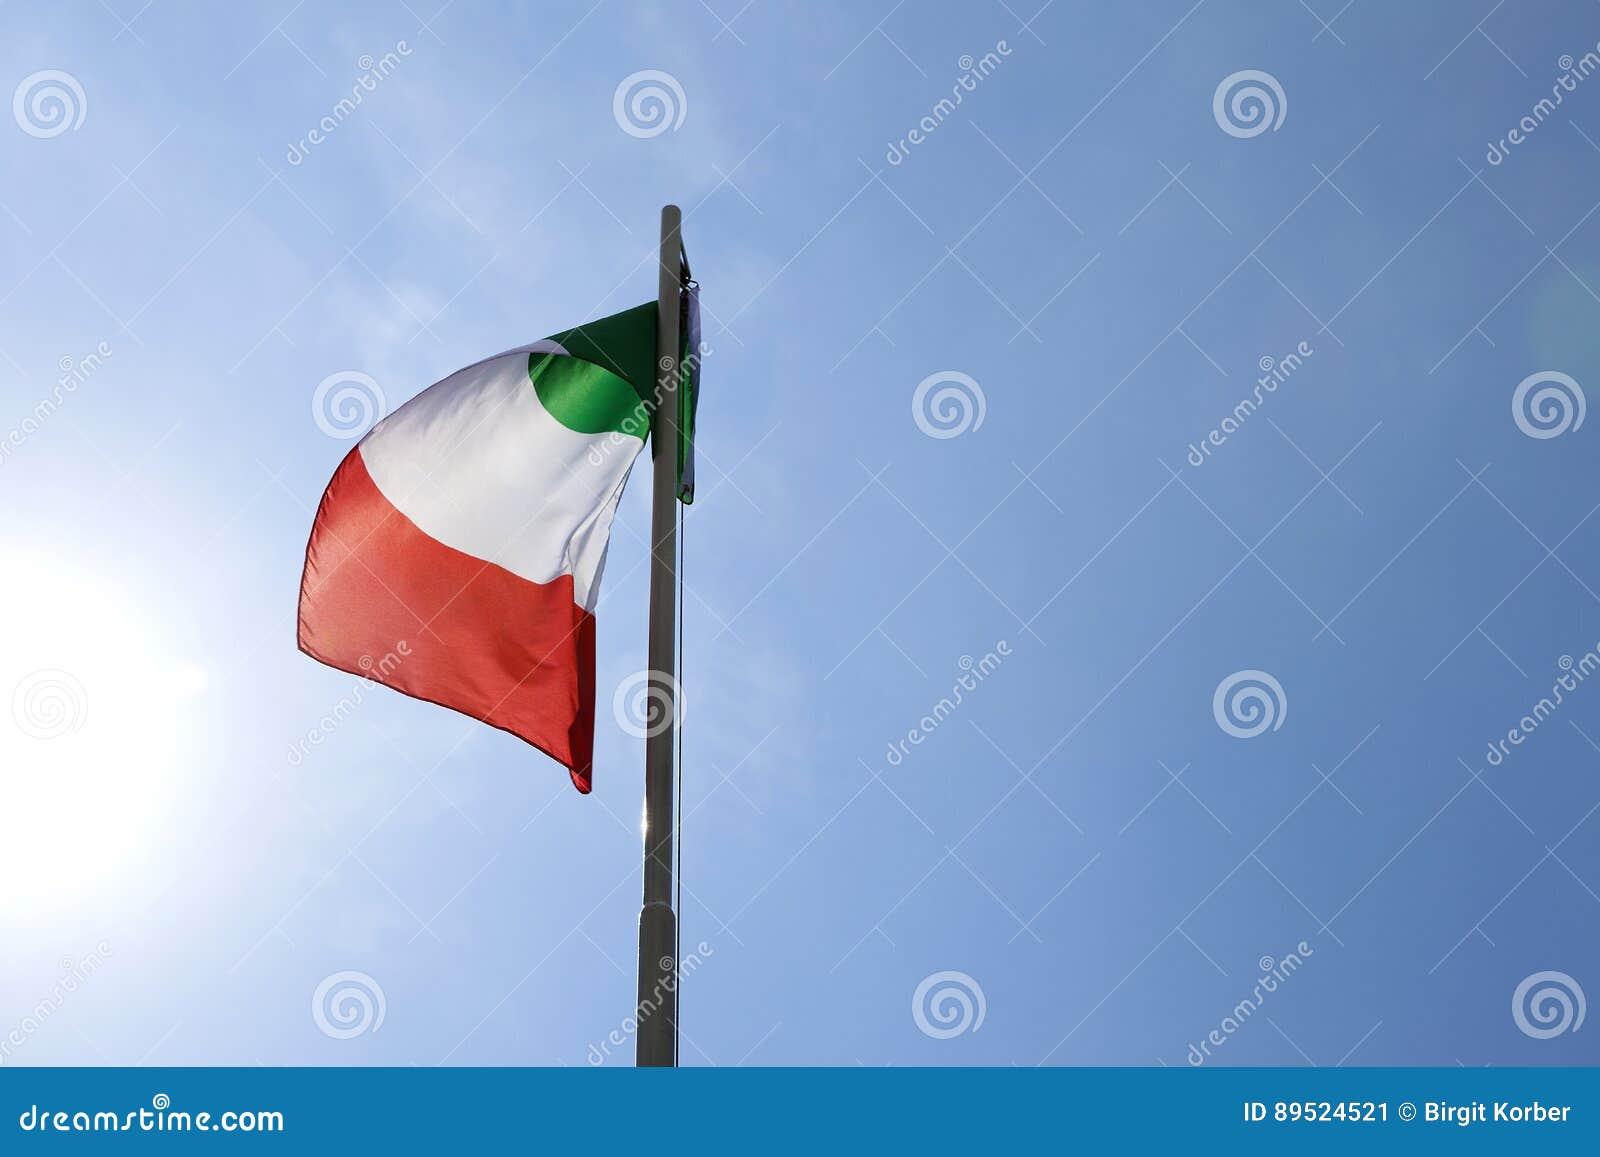 Flaga państowowa Włochy na flagpole